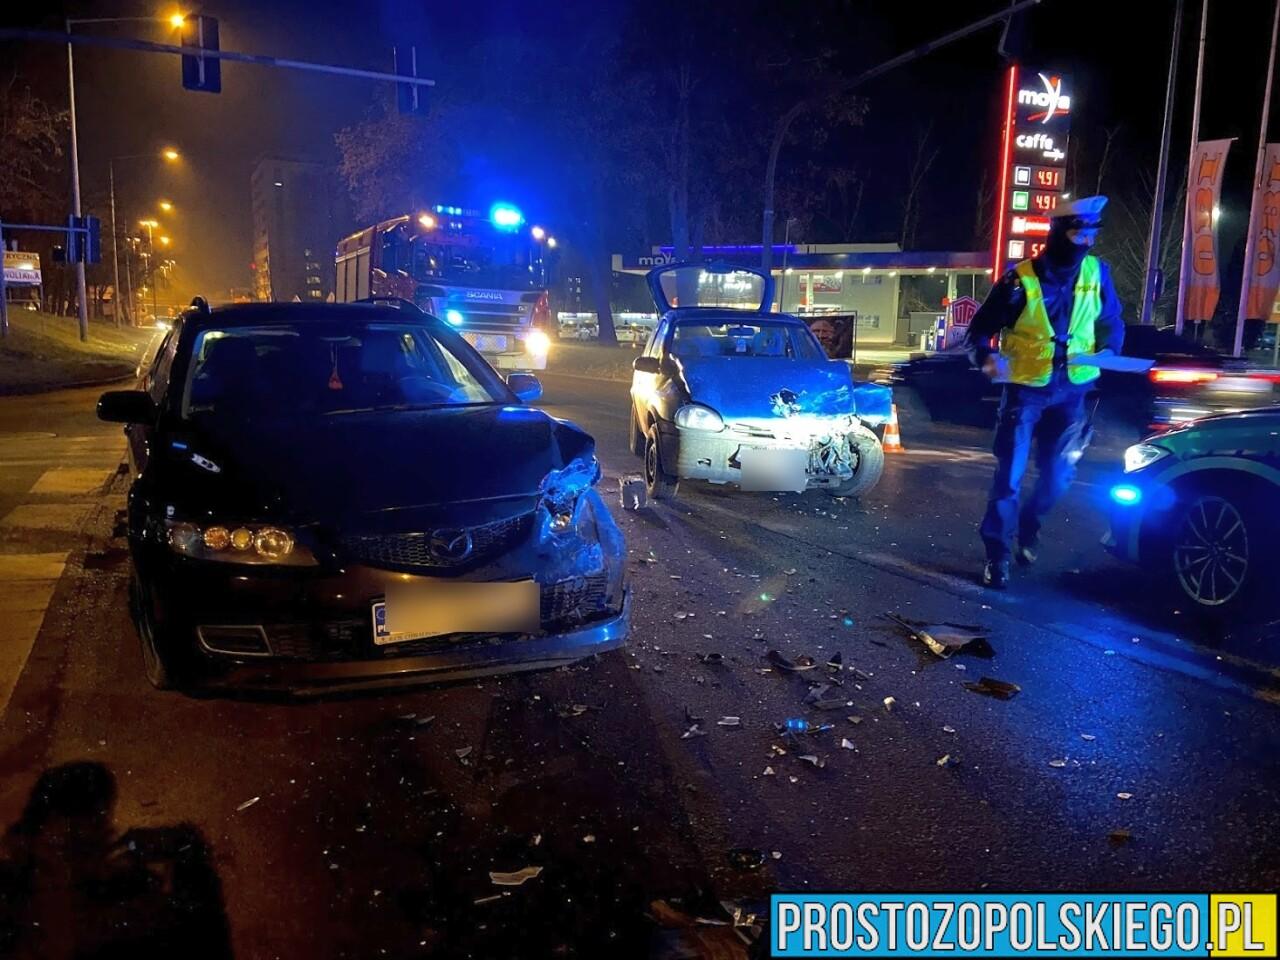 Zderzenie w Opolu. Kierujący oplem uciekł pozostawiając auto na środku drogi, szuka go policja.(Zdjęcia)